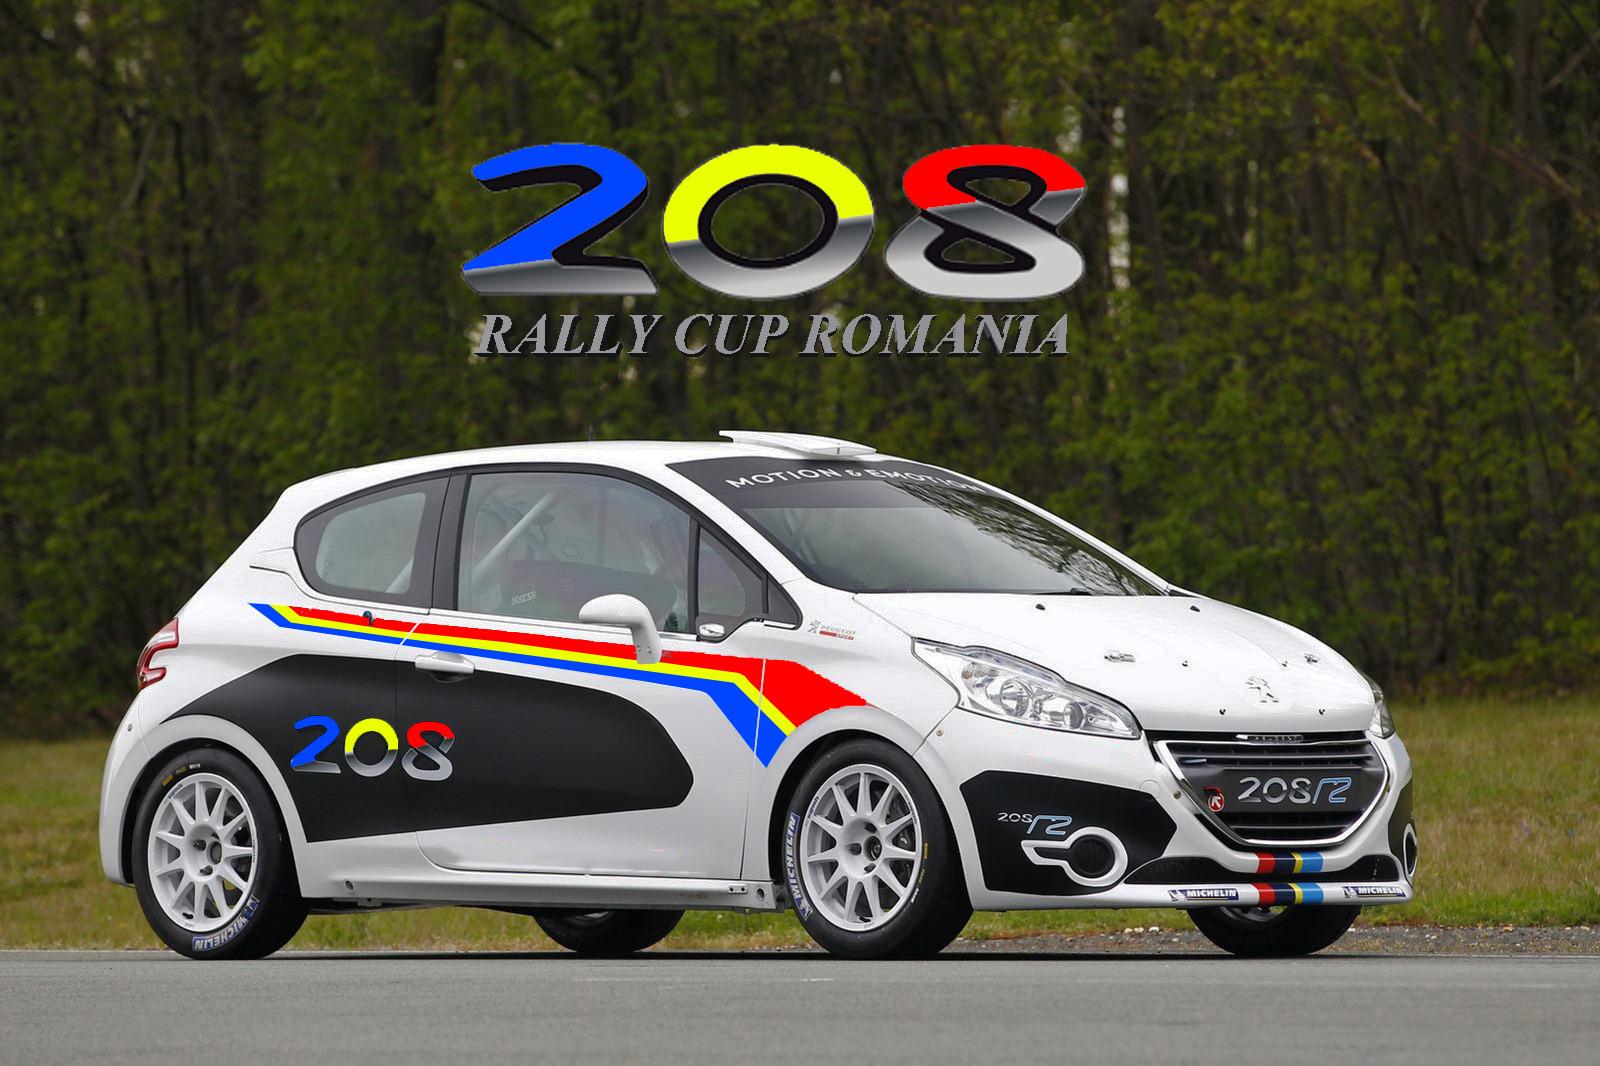 208 R2 Cup începând cu sezonul 2022 în Campionatul Național de Raliuri Betano